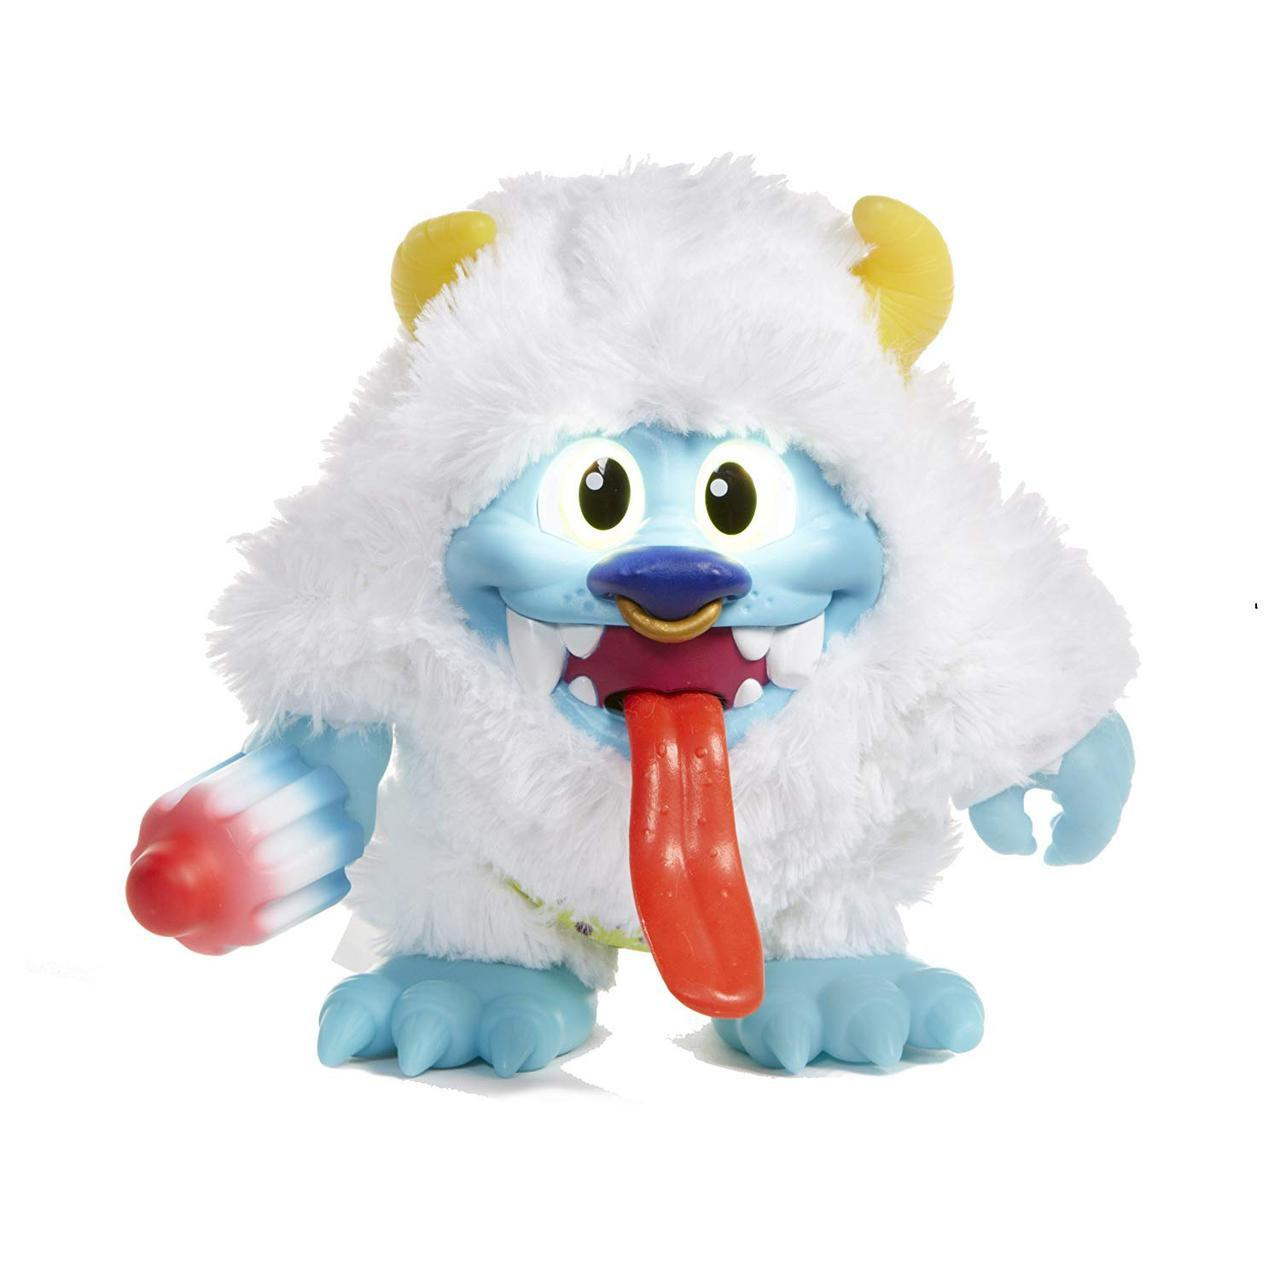 Интерактивная игрушка йети Crate Creatures Surprise/Потяни за язык 20 см